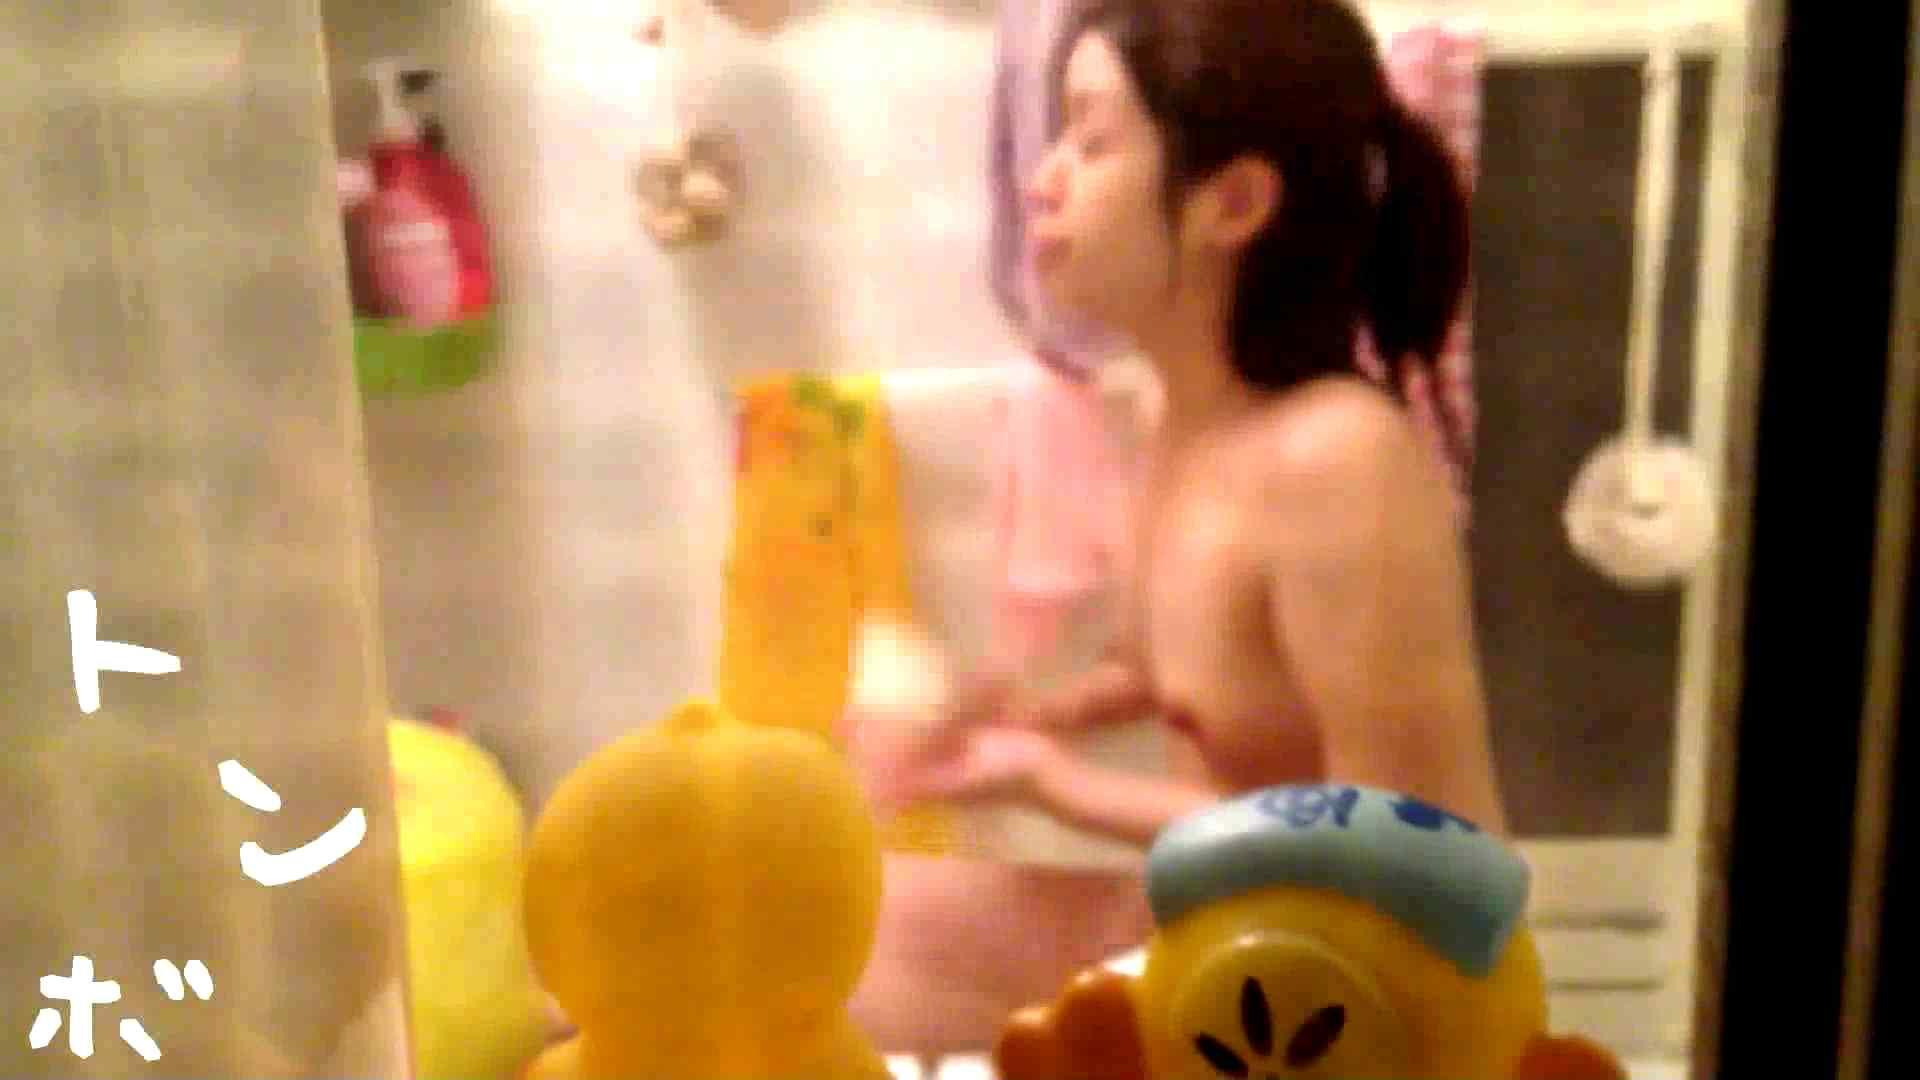 リアル盗撮 美人女市女末の入浴(女市 OL編) 高画質 エロ無料画像 91画像 35